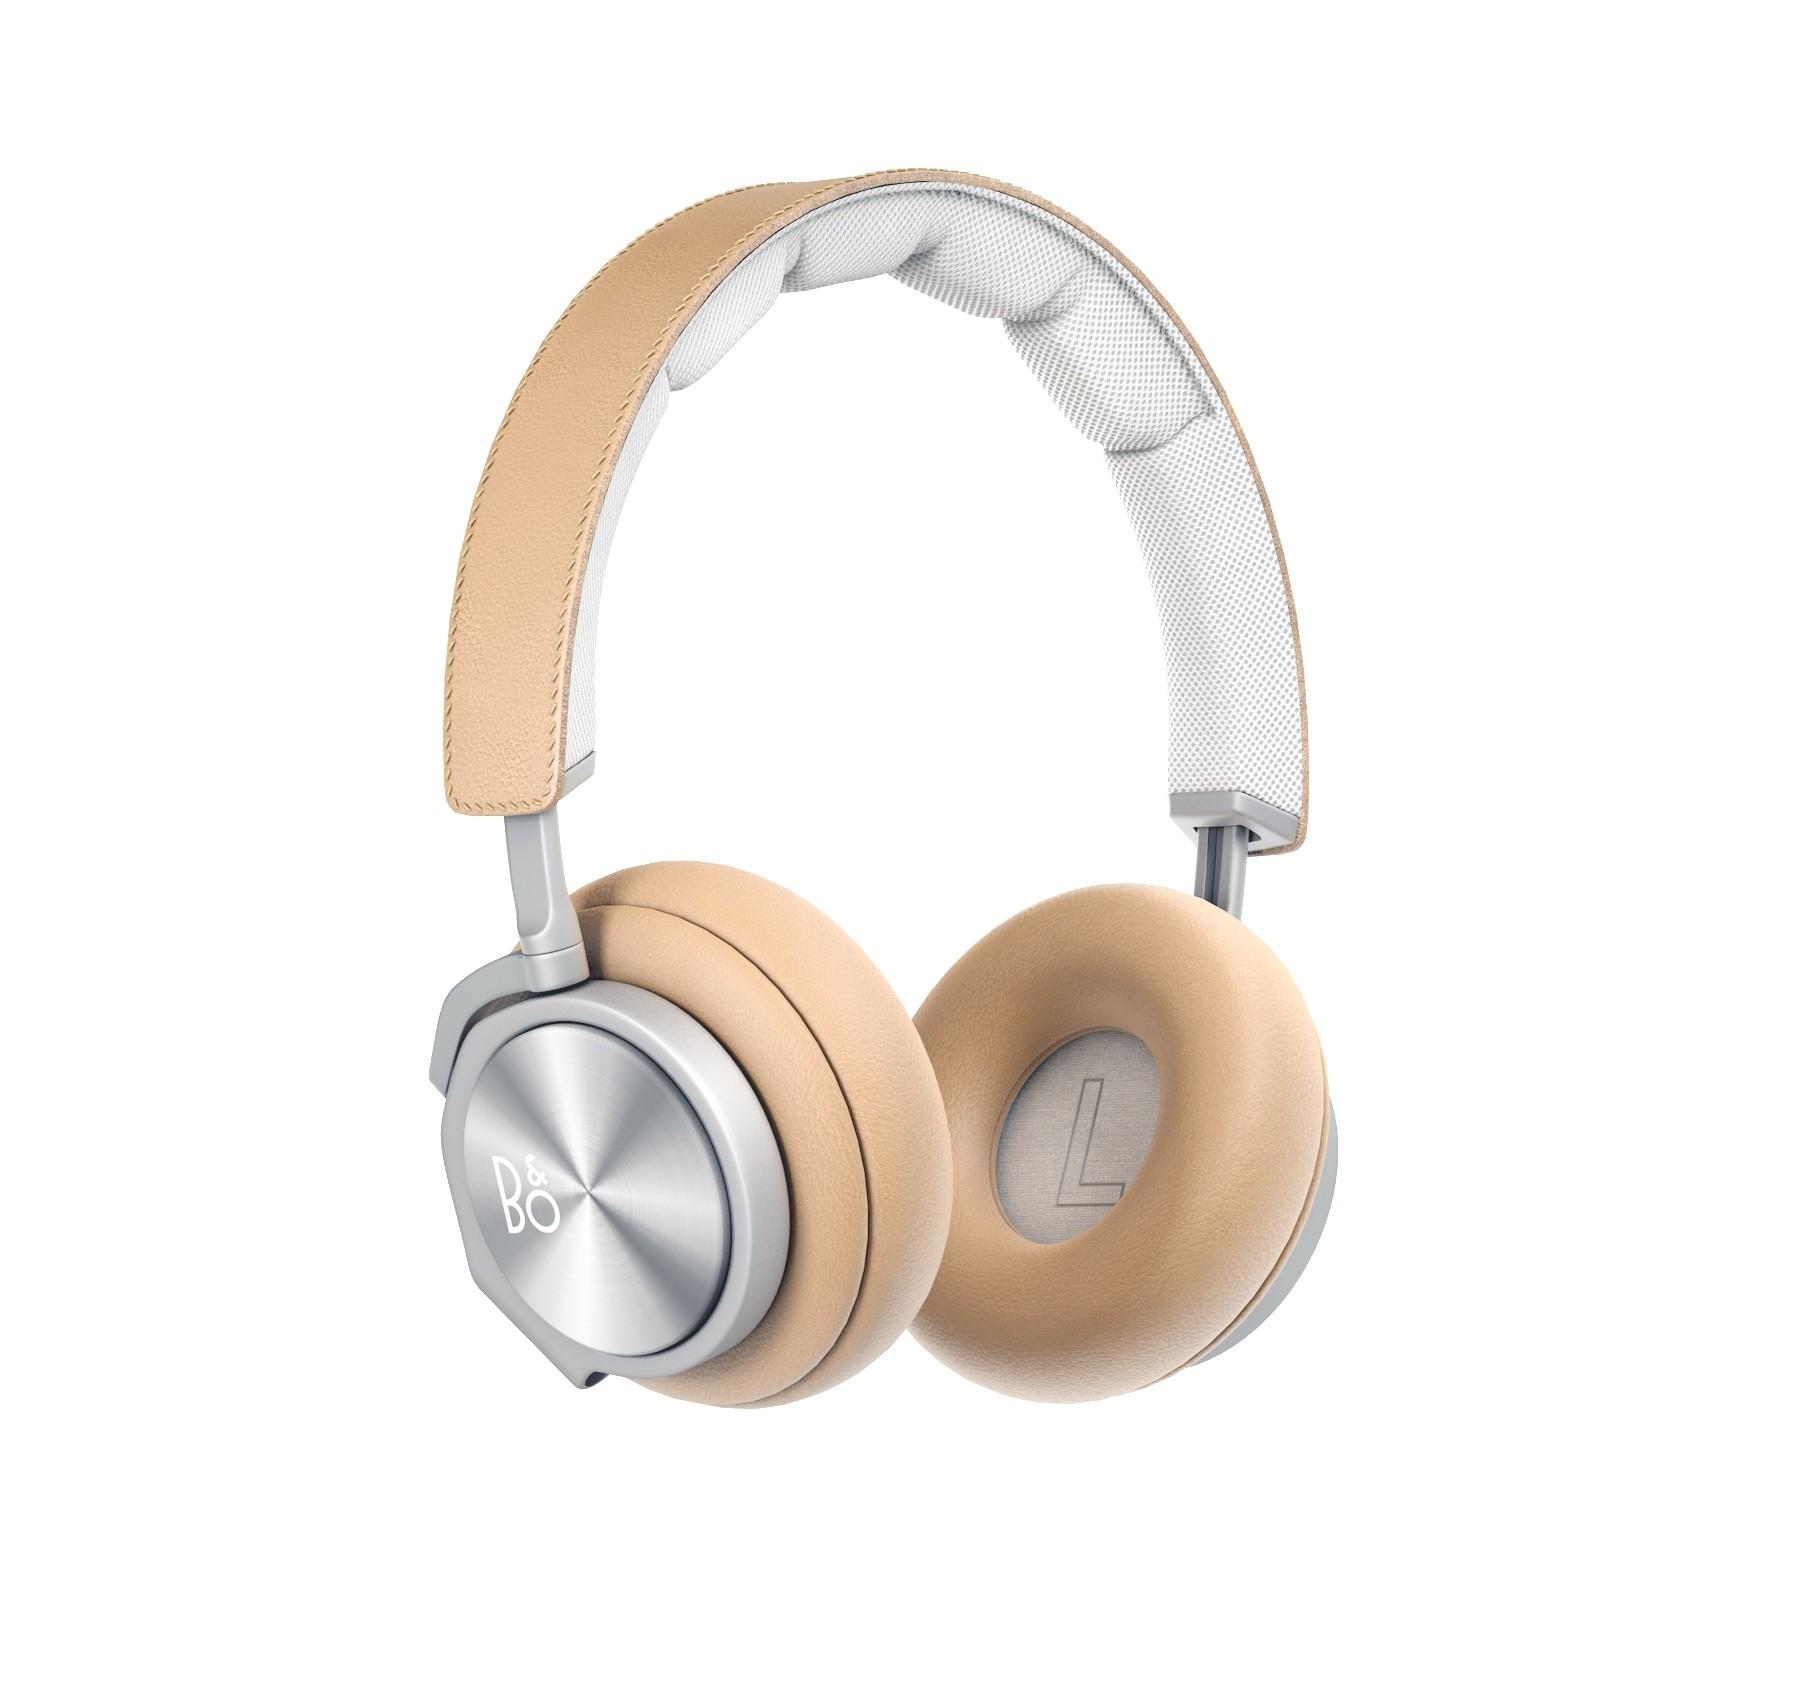 Headphones Render Kopie - Home